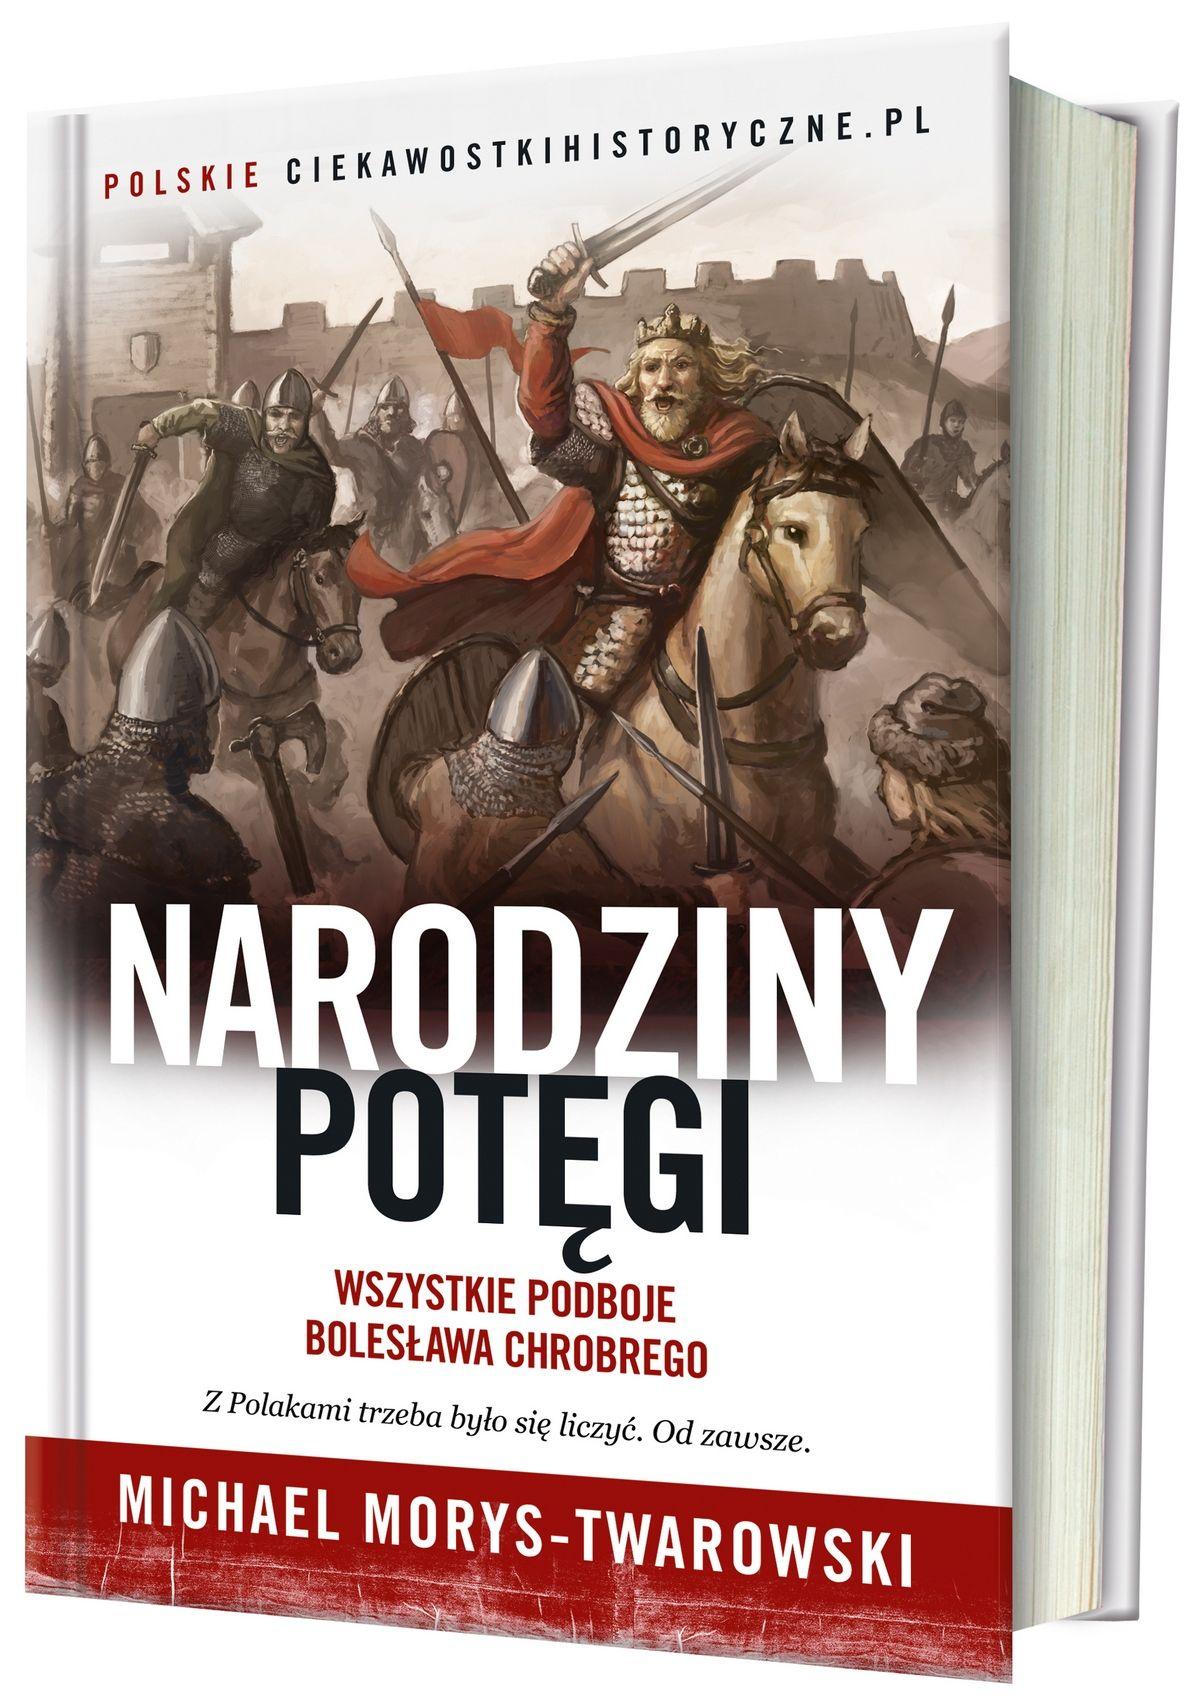 """Nasza najnowsza książka pod tytułem """"Narodziny potęgi"""" trafi do tradycyjnych księgarń 13 września. U nas już teraz możesz kupić swój egzemplarz. Wyślemy go najpóźniej 4 września."""